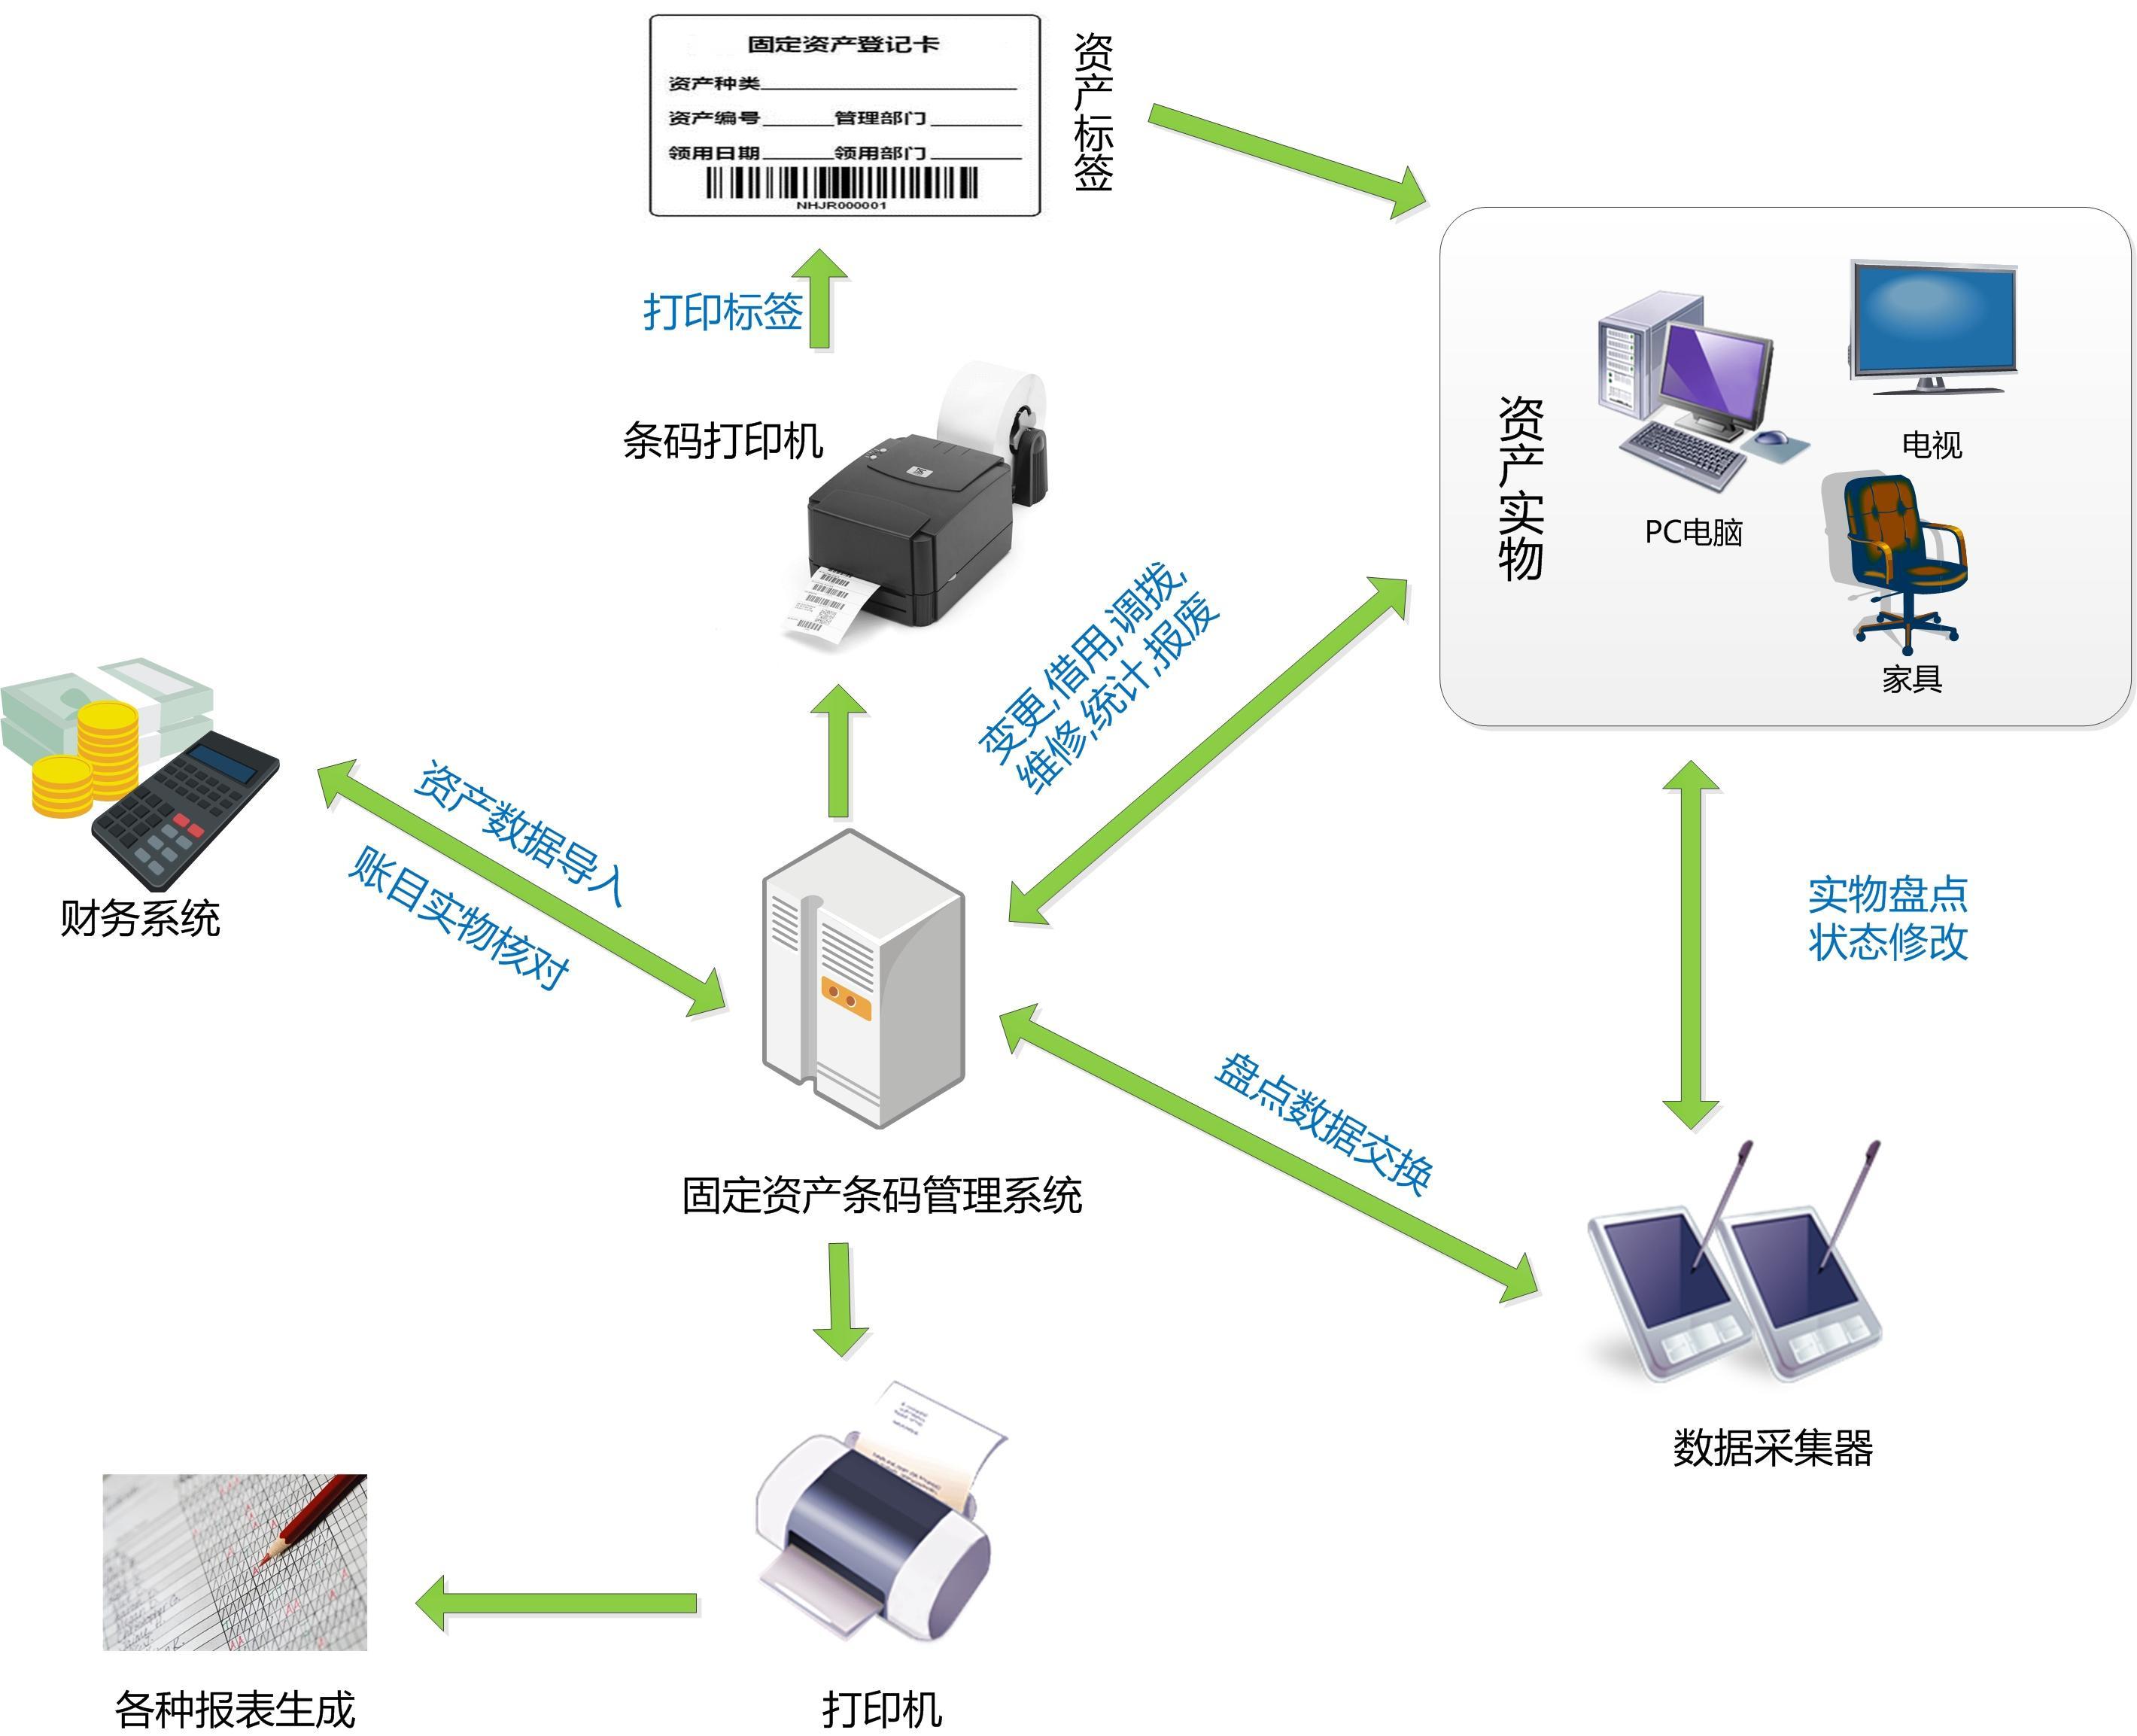 超高频读写器在企业固定资产物品追踪管理系统中的应用